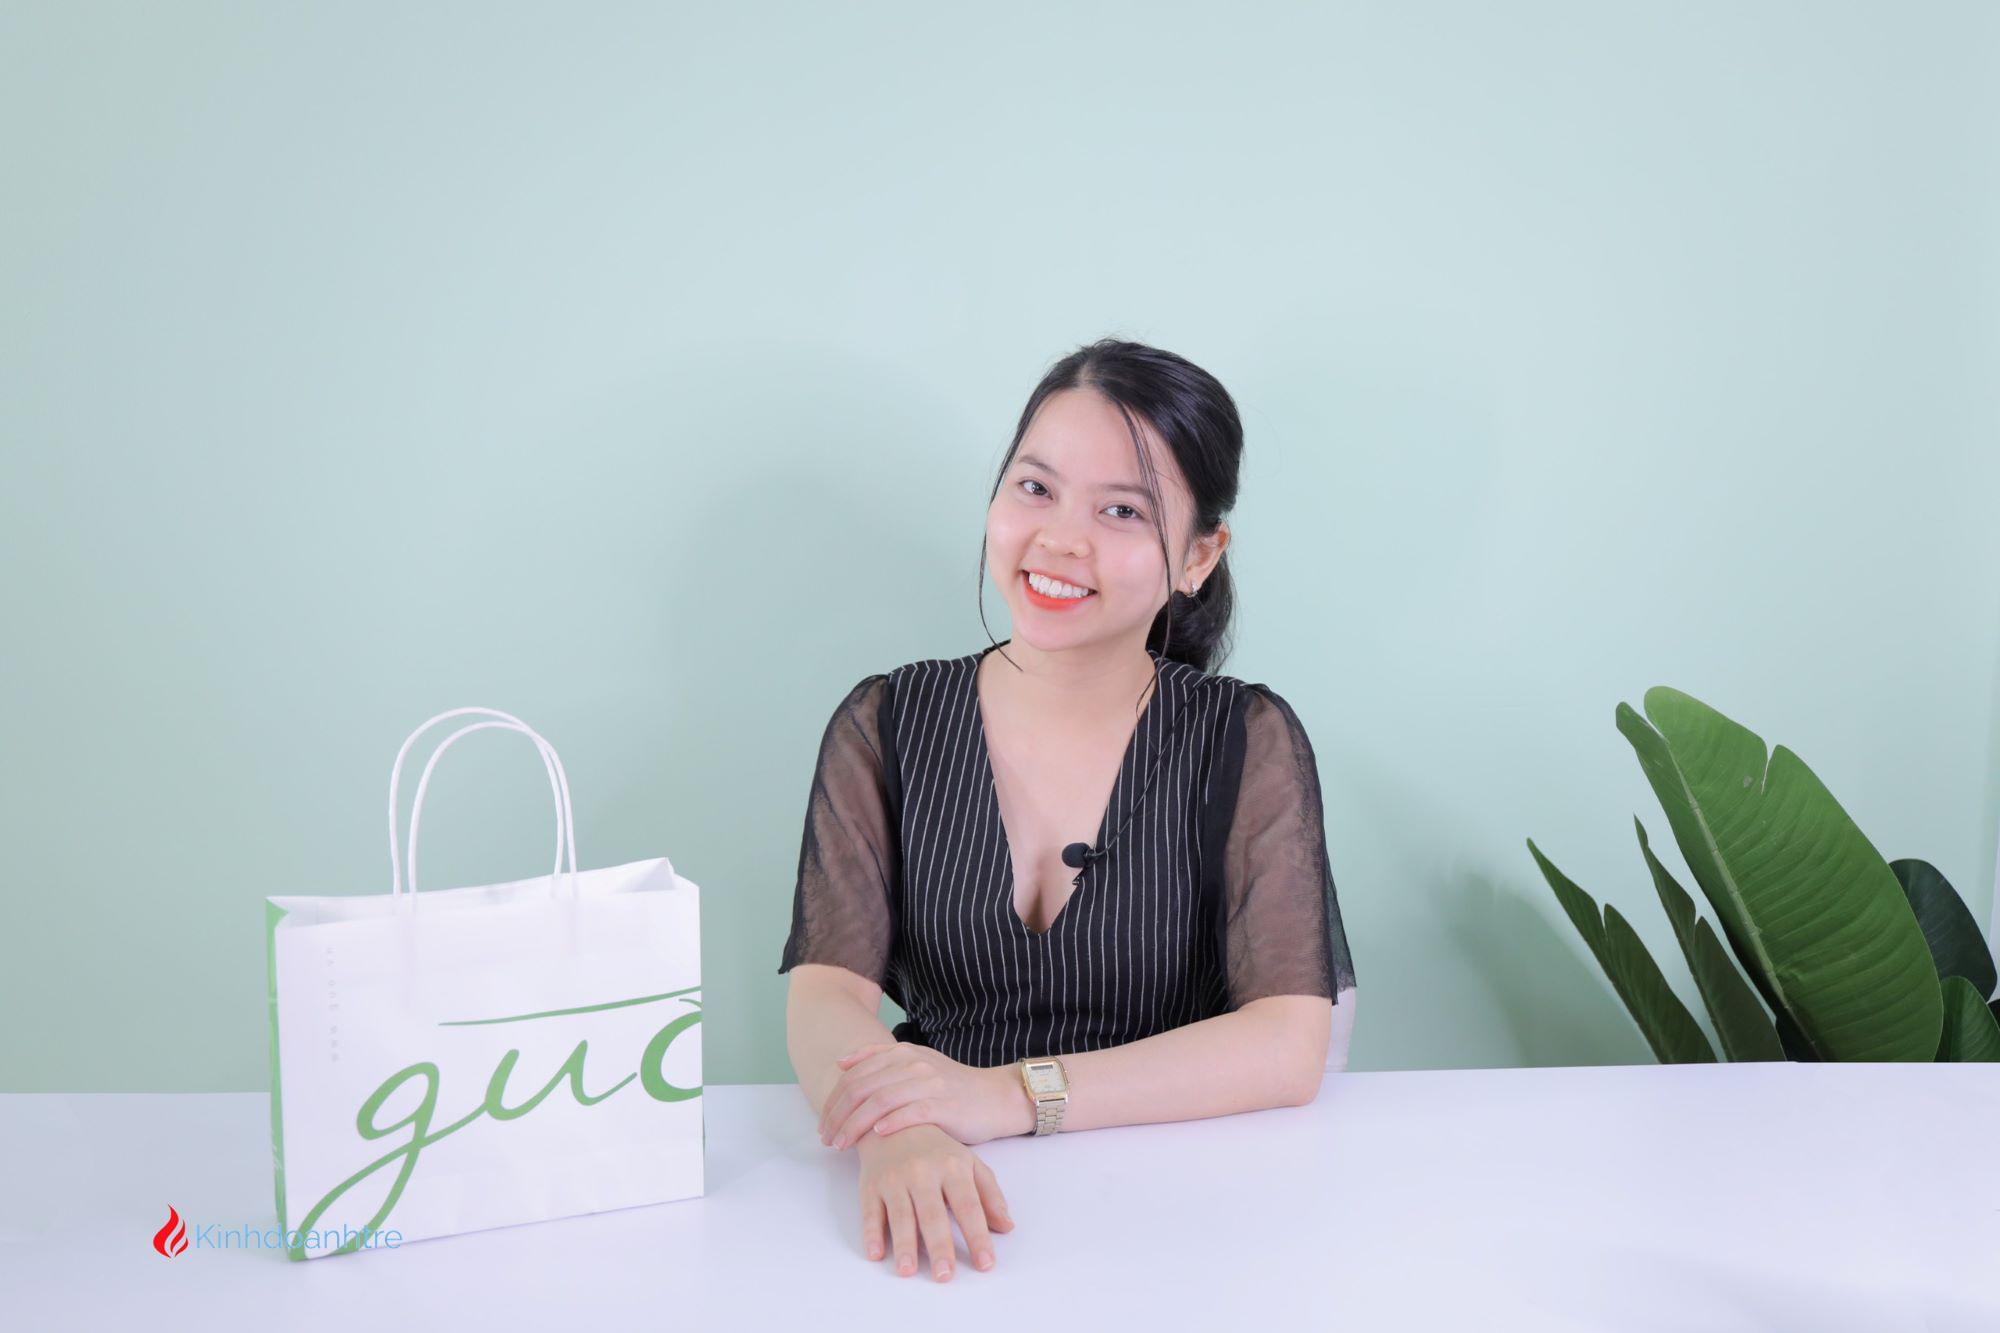 Chân dung nhà sáng lập thương hiệu mỹ phẩm GUO - CEO Ngô Phạm Thu Thủy